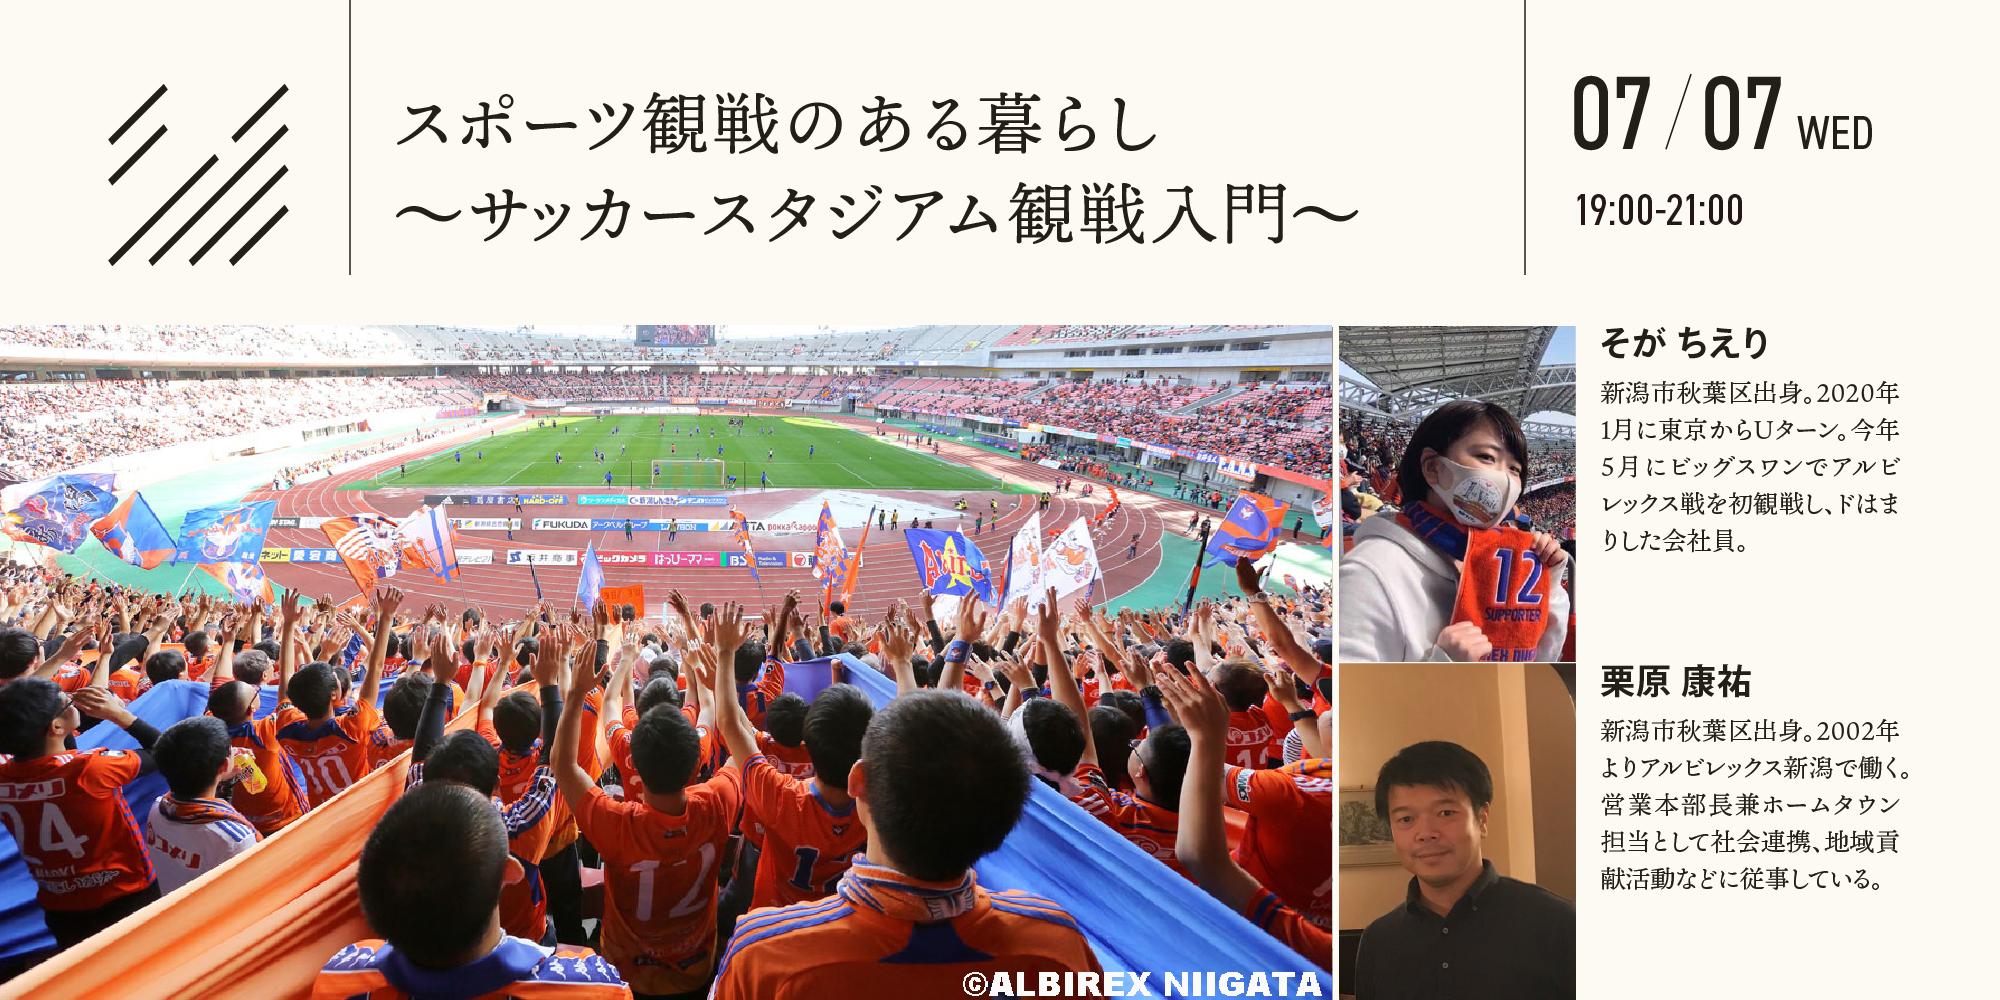 スポーツ観戦のある暮らし ~サッカースタジアム観戦入門~